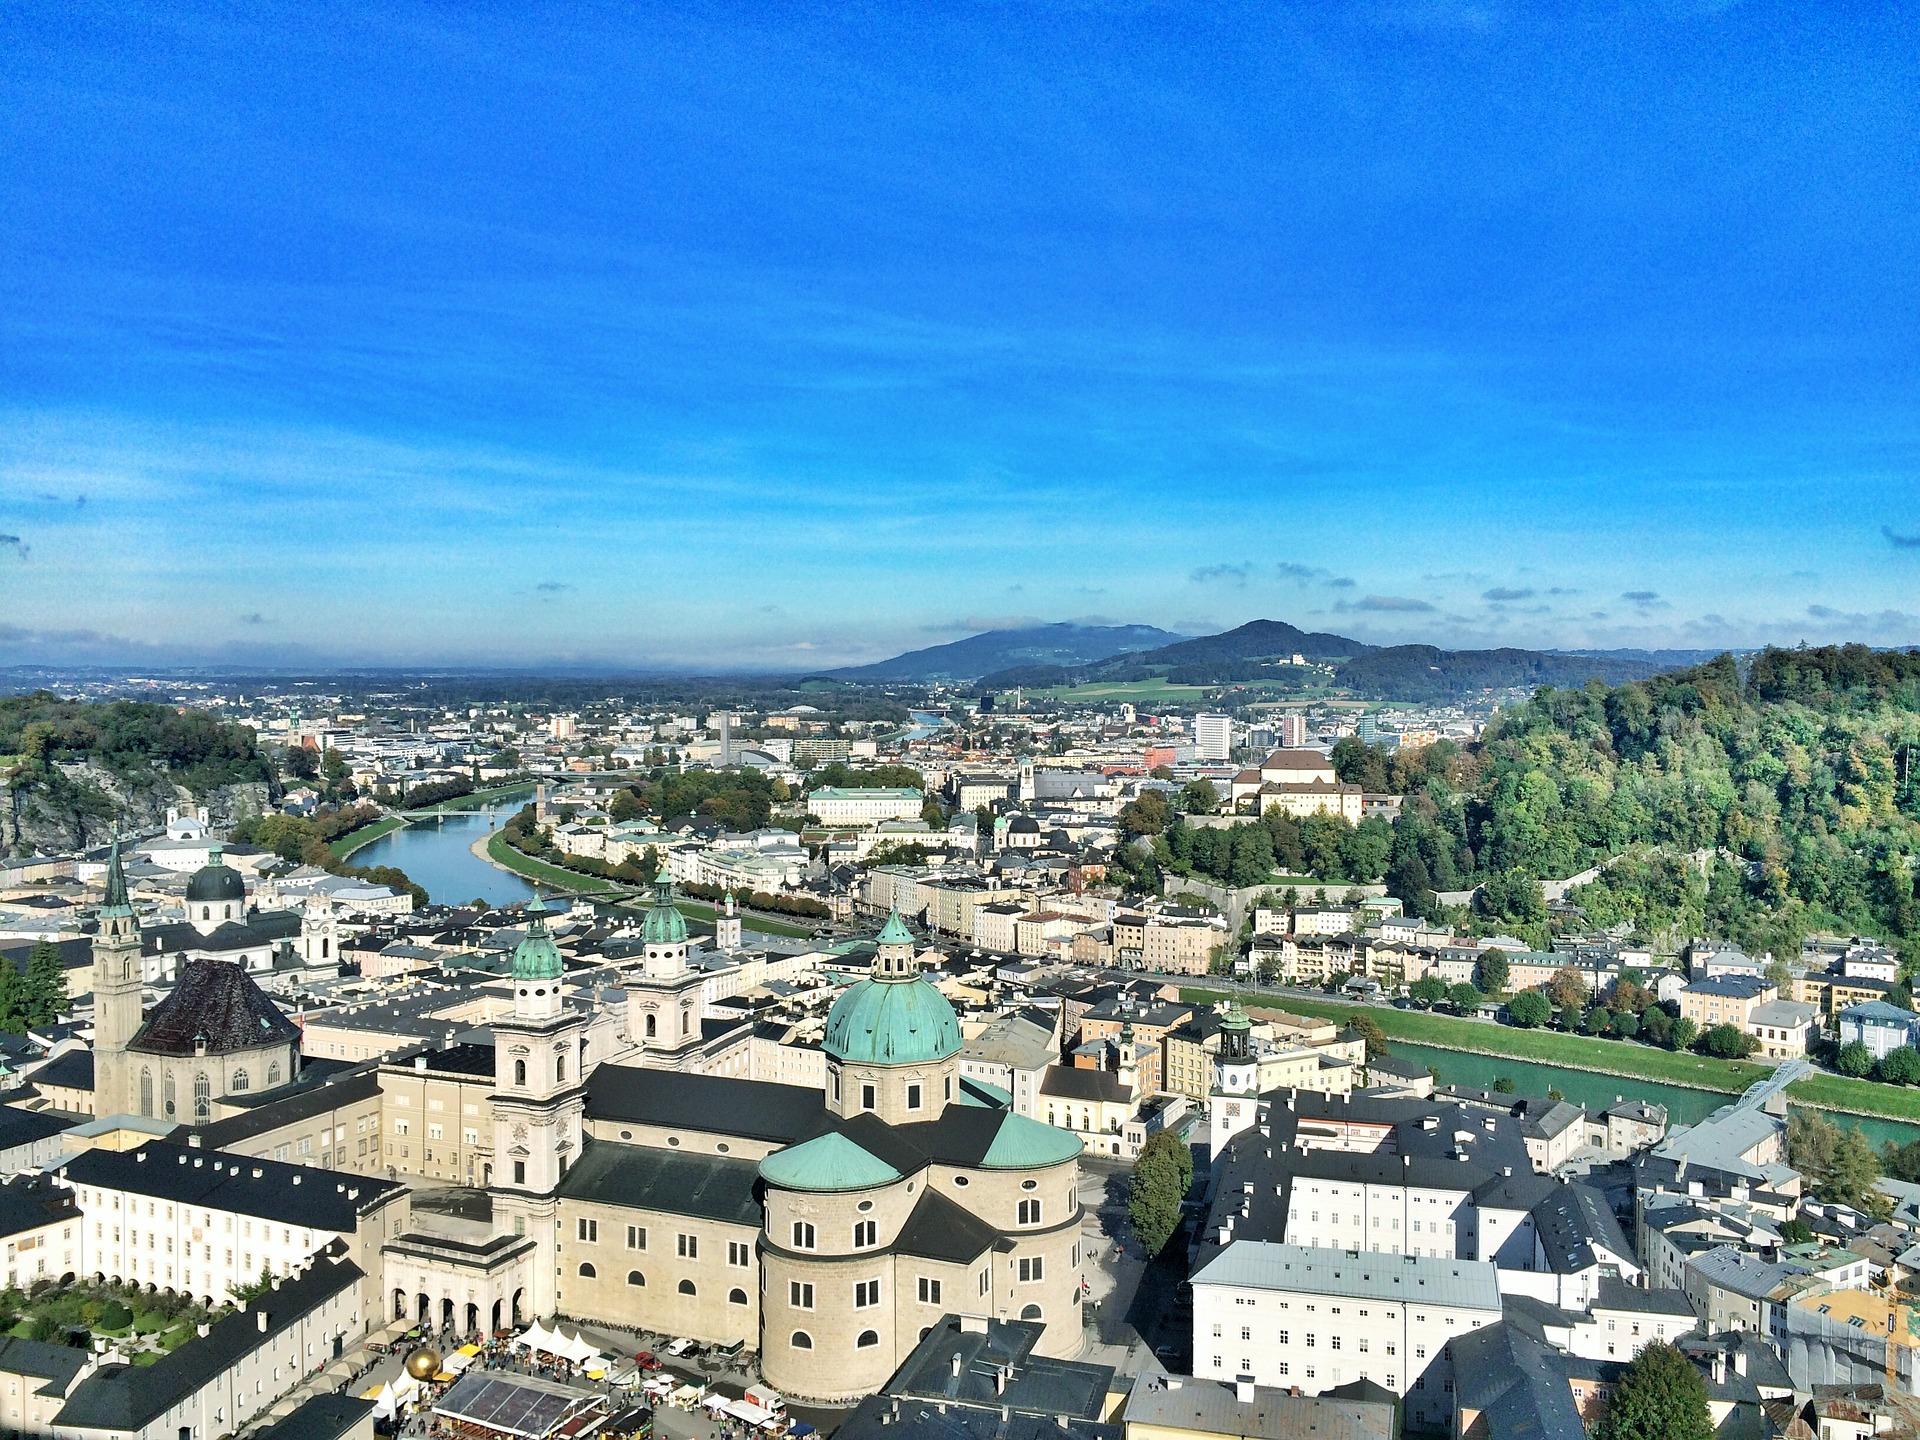 Die Stadt Salzburg in Österreich